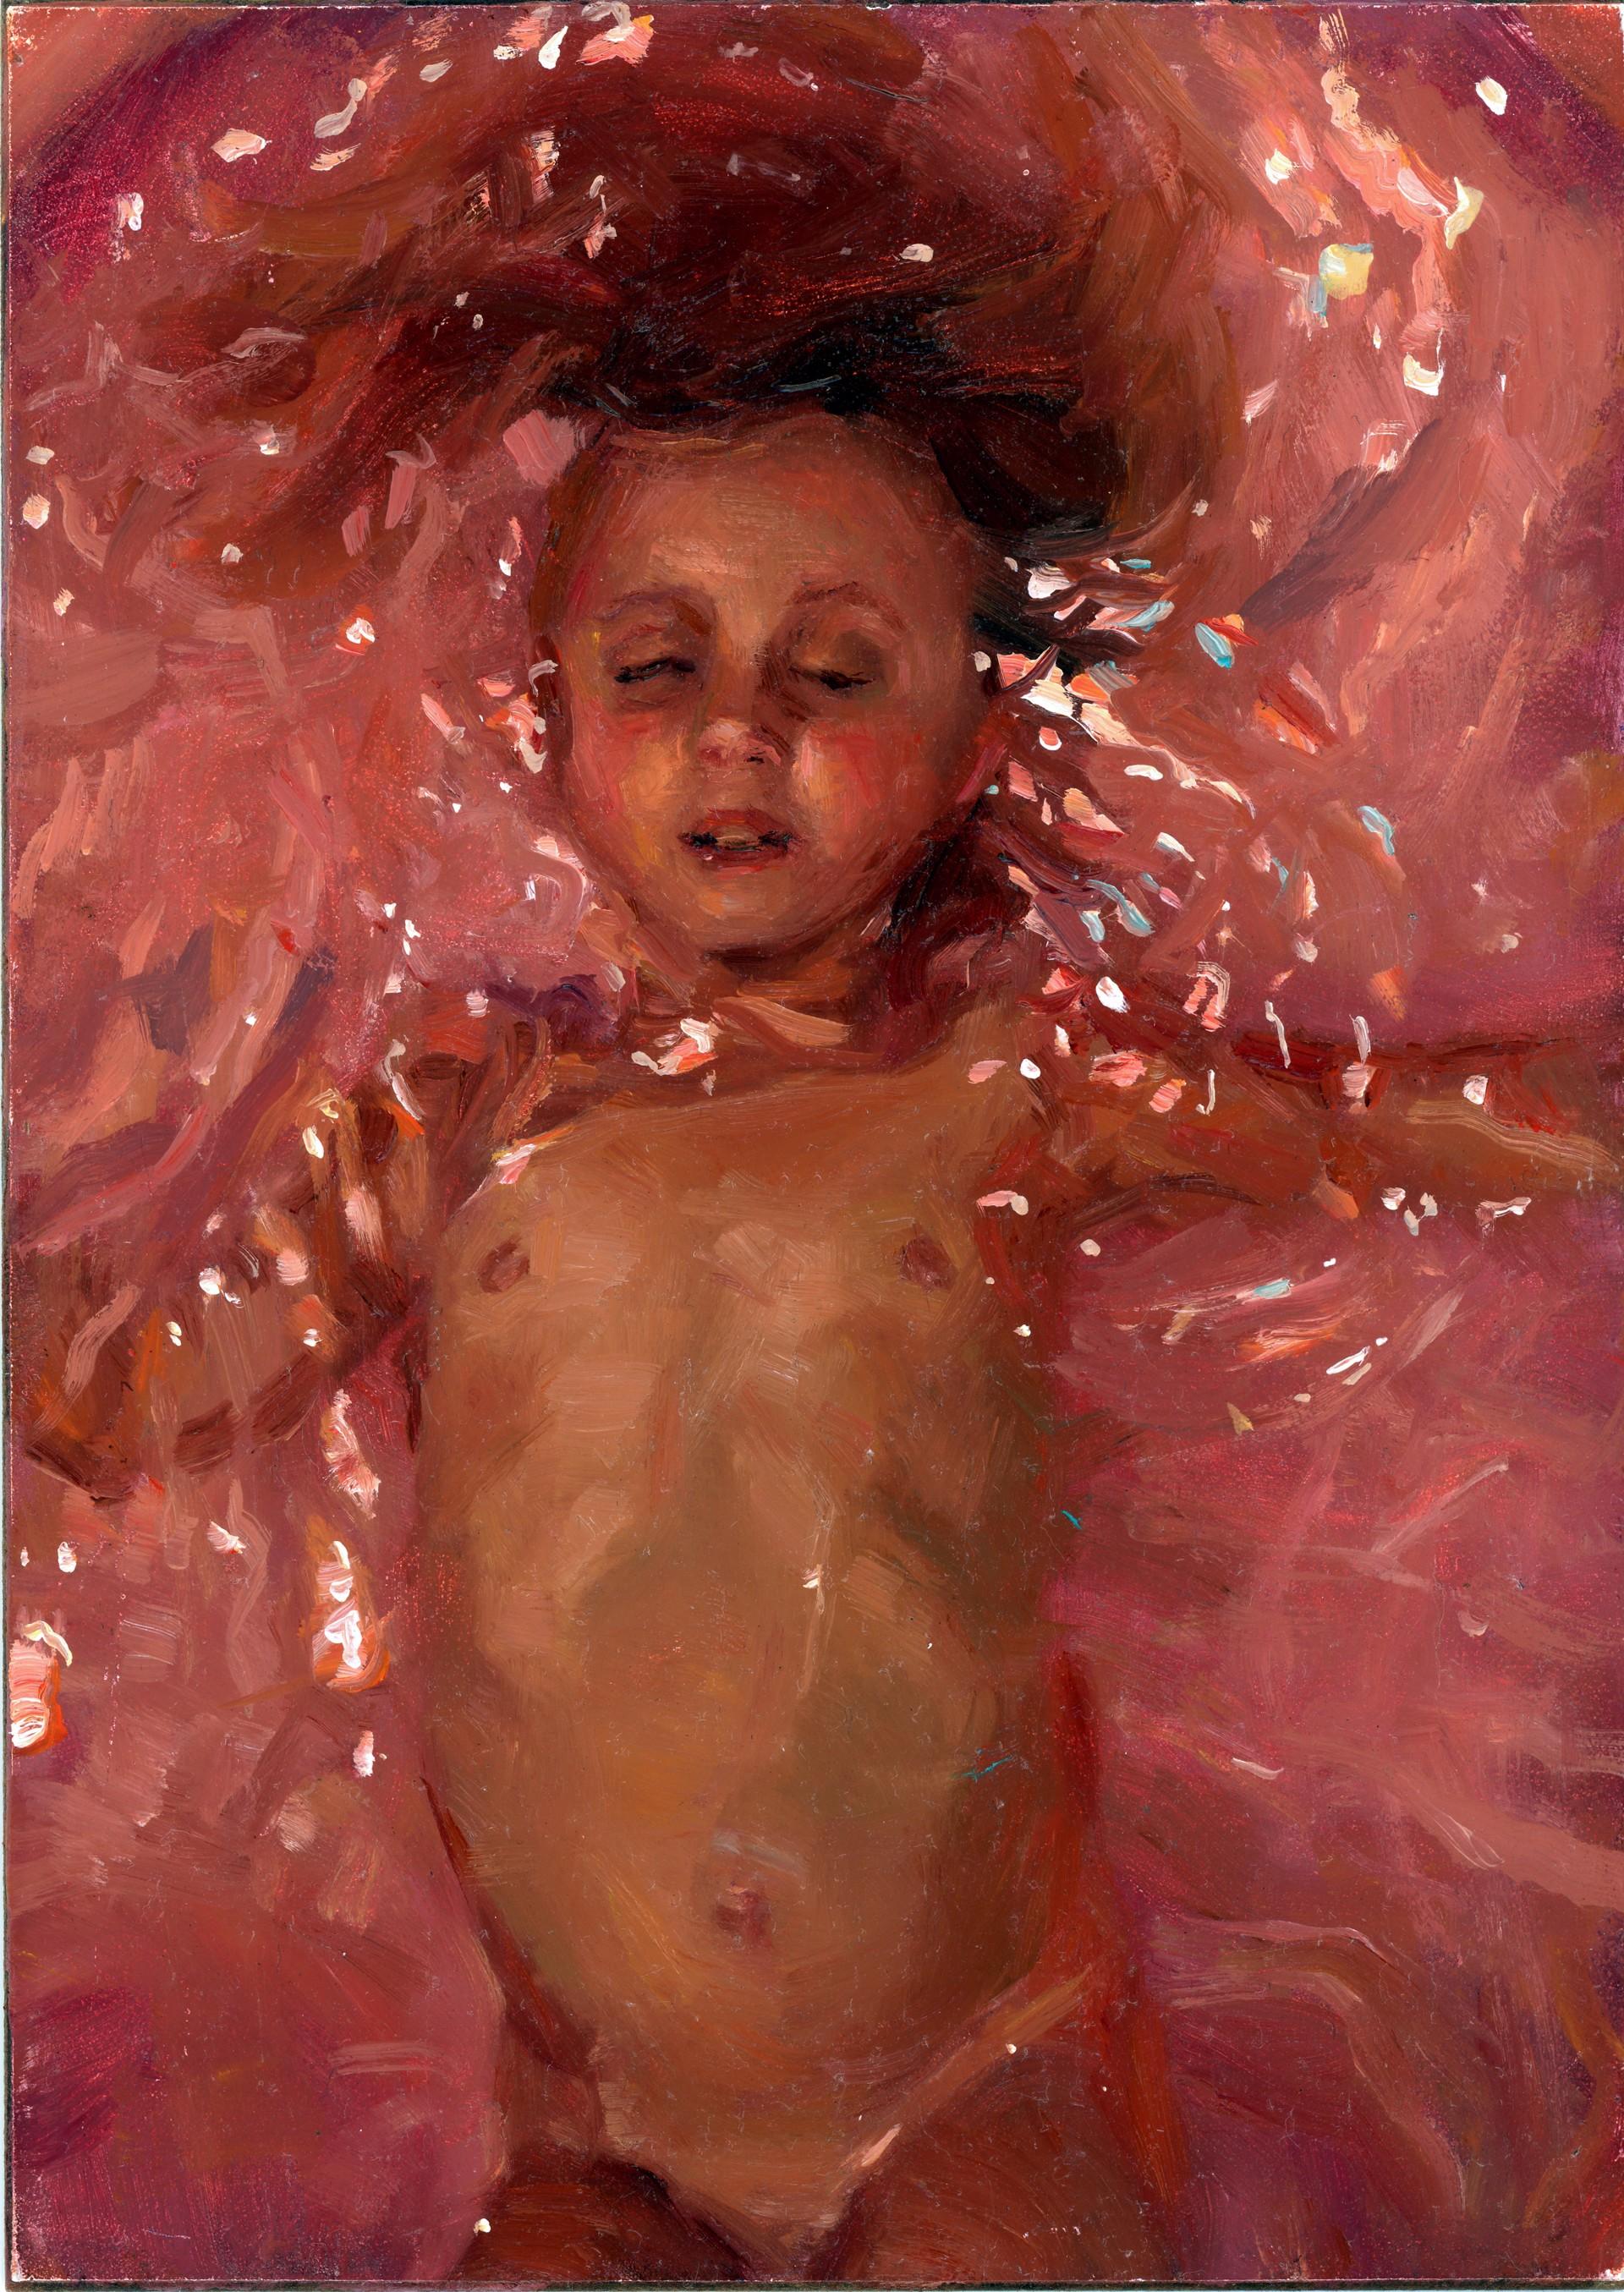 Rose Bath by Natalia Fabia